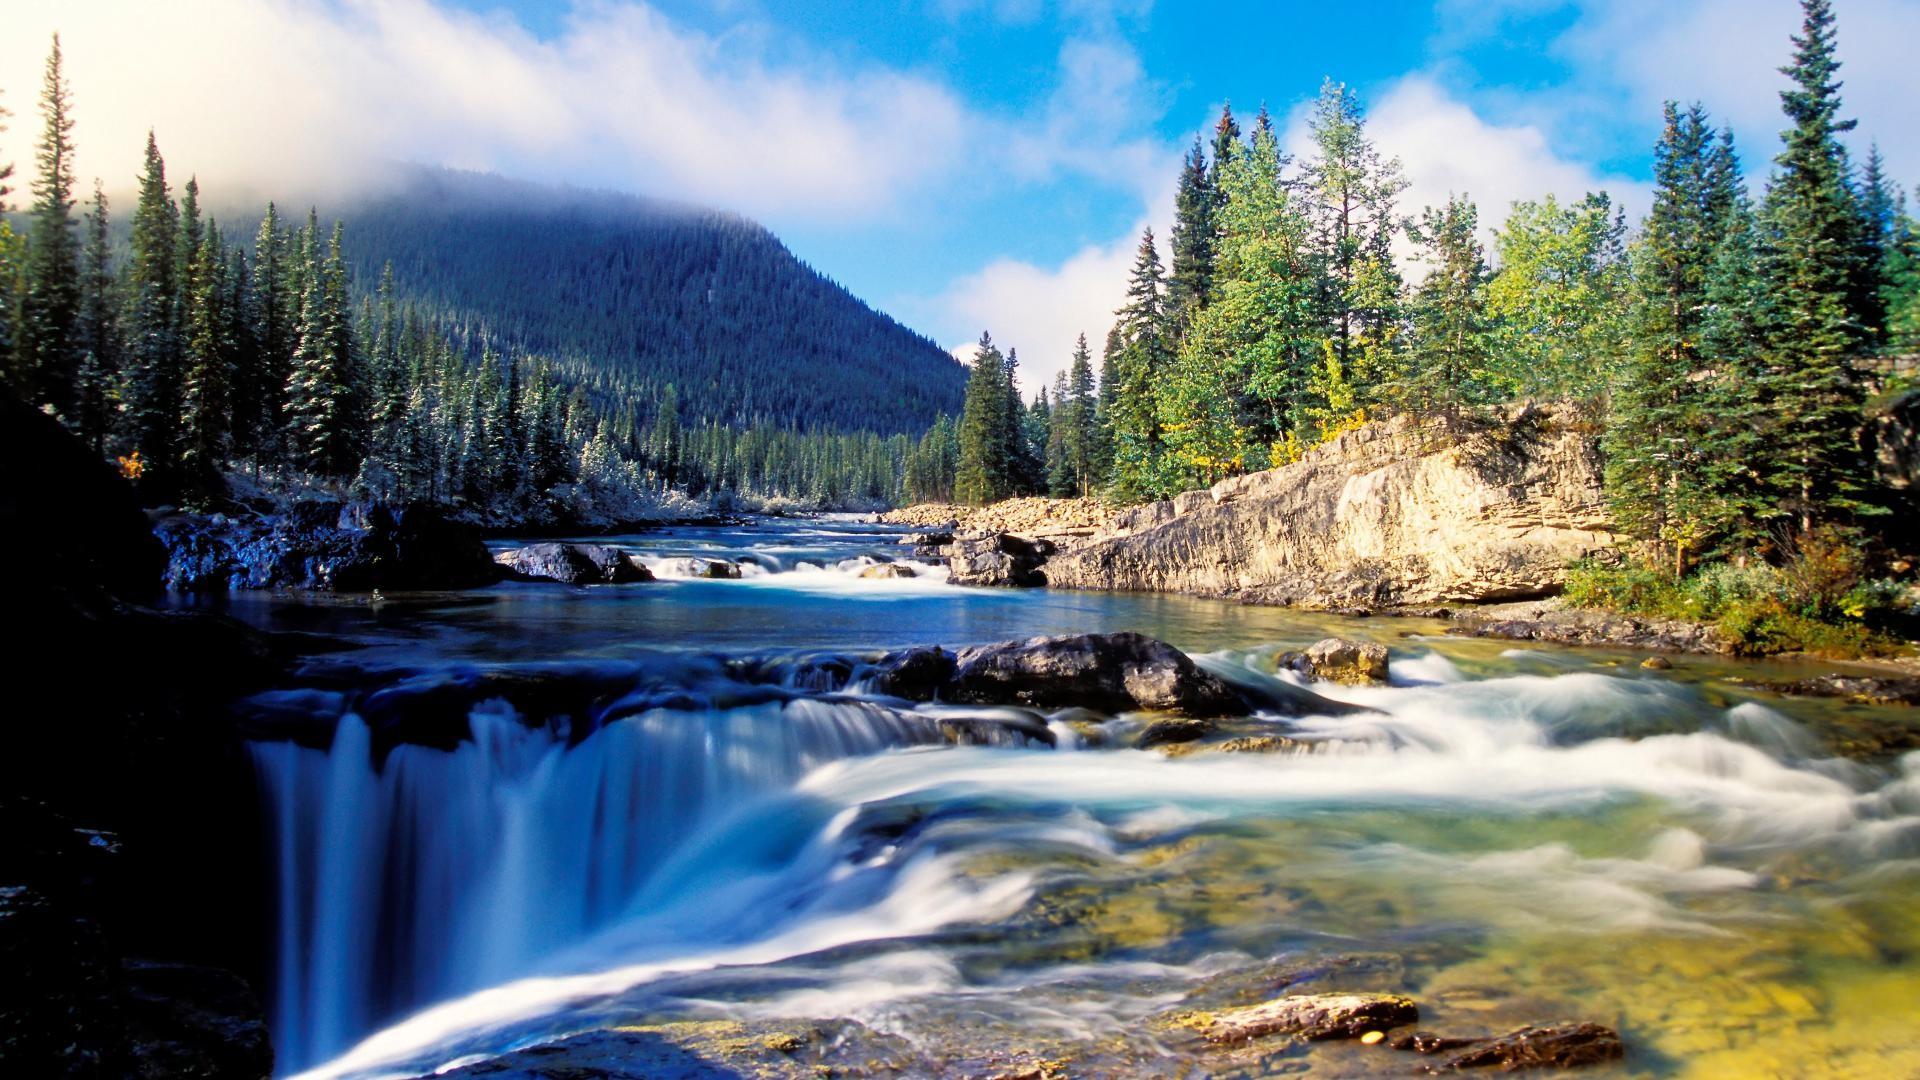 Landscape Wallpaper ·① Download Free Beautiful HD